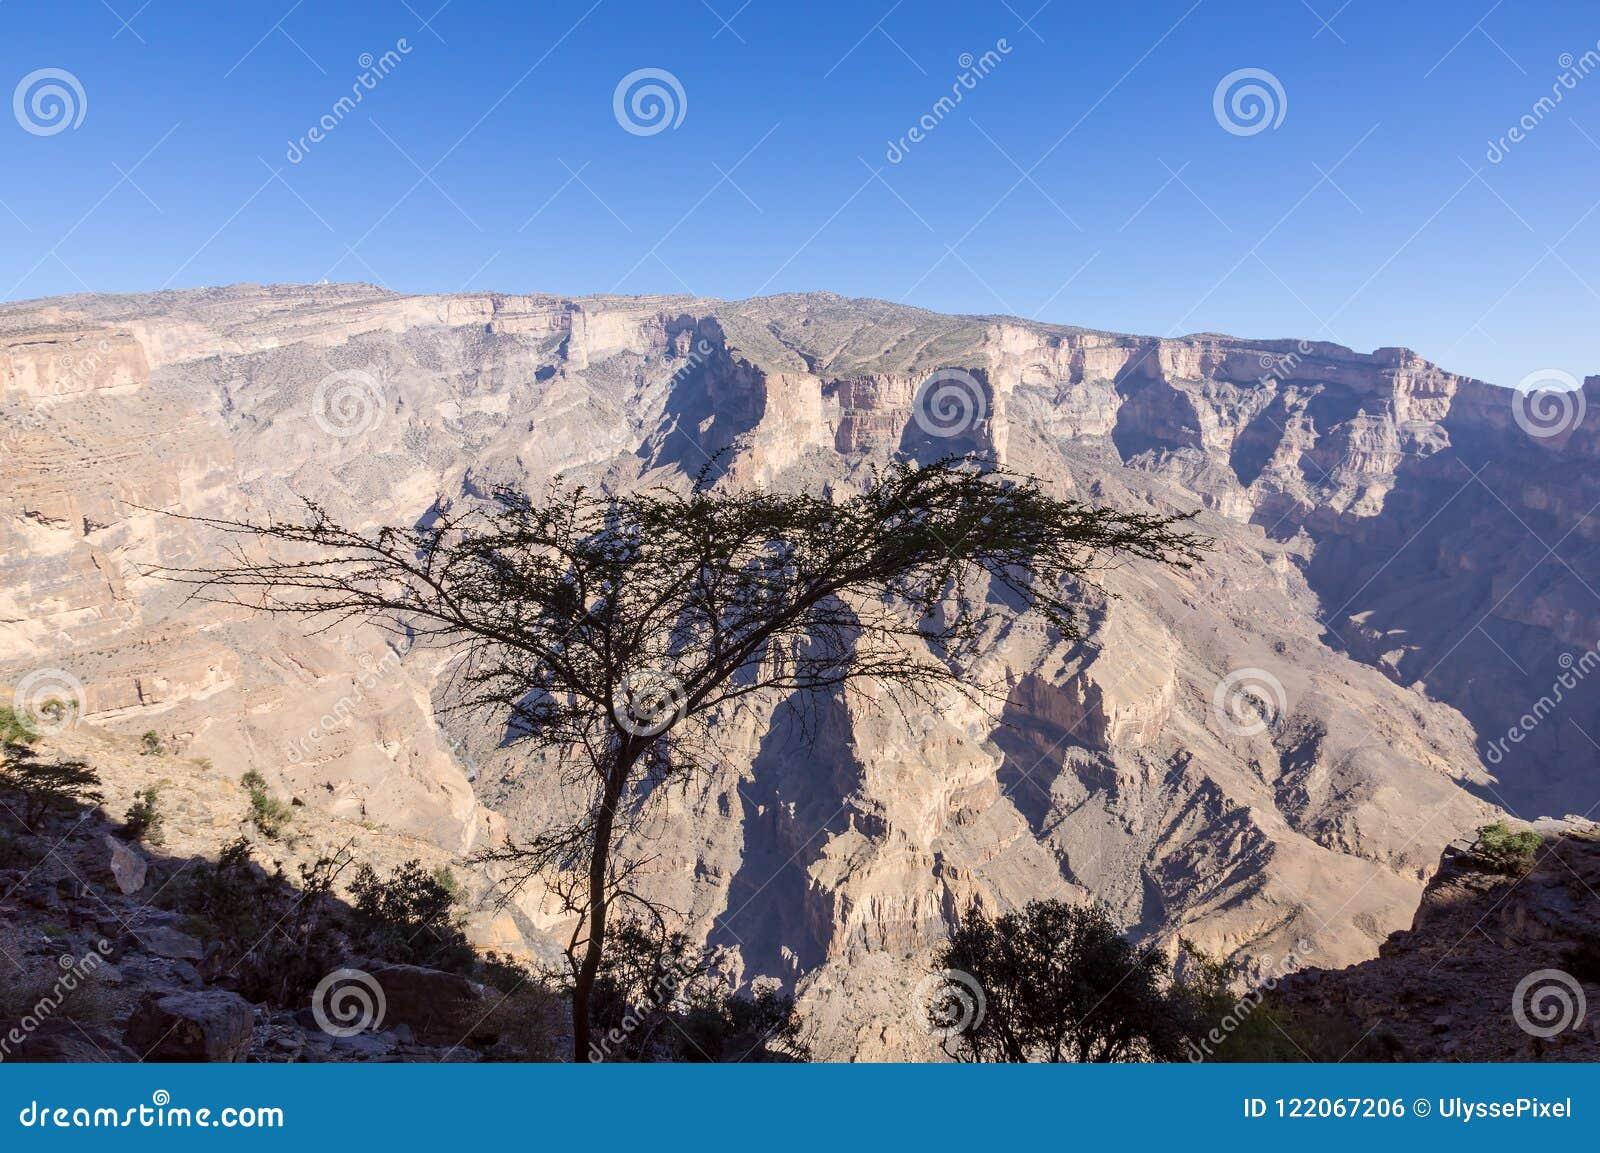 Jebel Shams - Sultanate of Oman